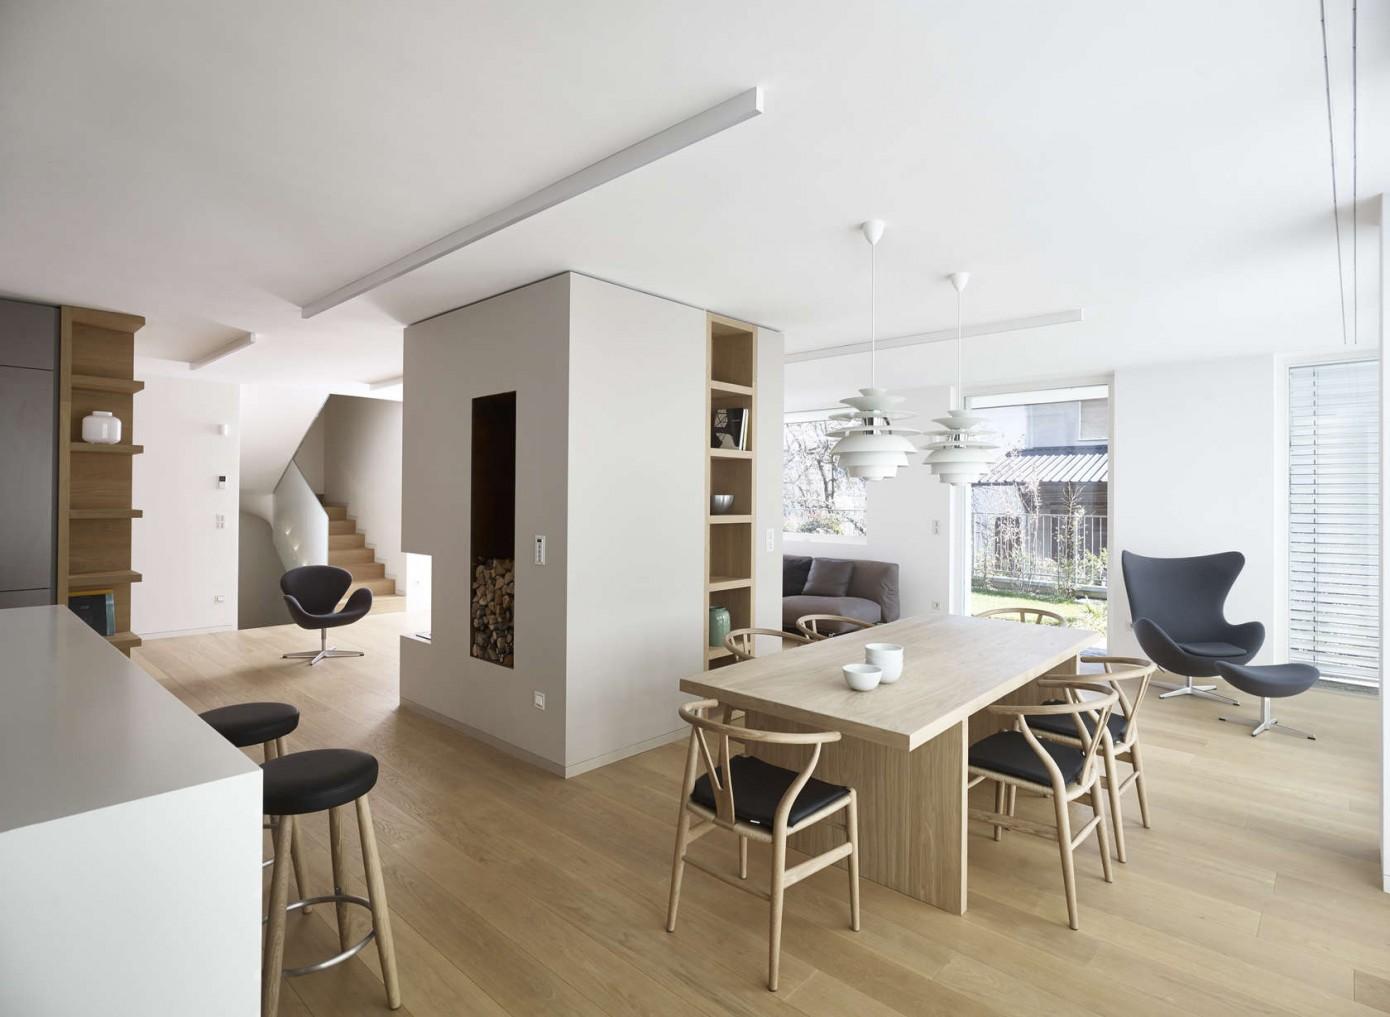 Mp apartment by burnazzi feltrin architetti homeadore for Architetti per interni